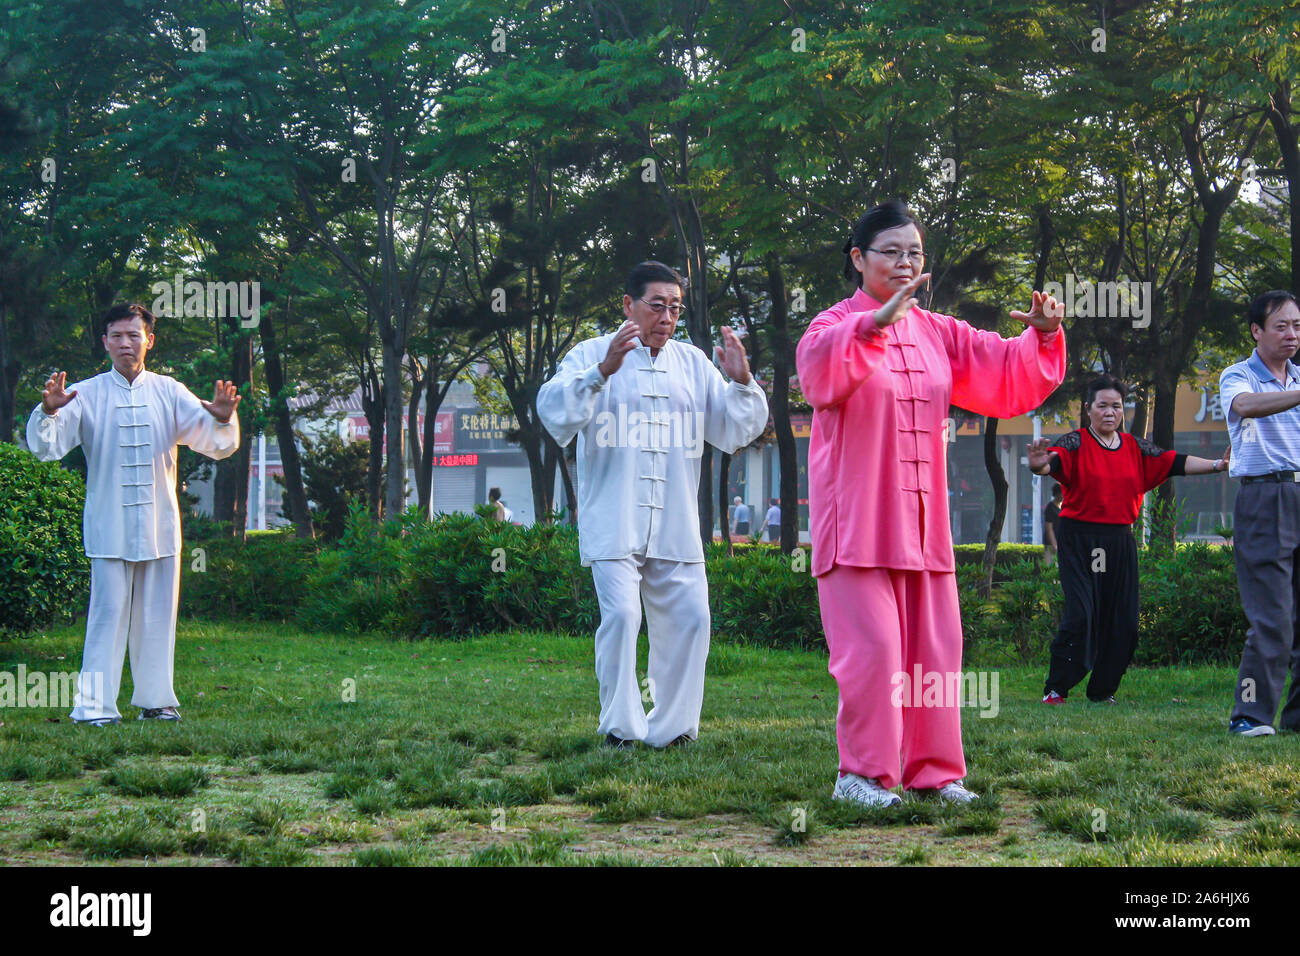 Groupe De Personnes Agees Personnes Agees Hommes Et Femmes L Exercice De Tai Chi Dans Le Parc Tot Le Matin Photo Stock Alamy